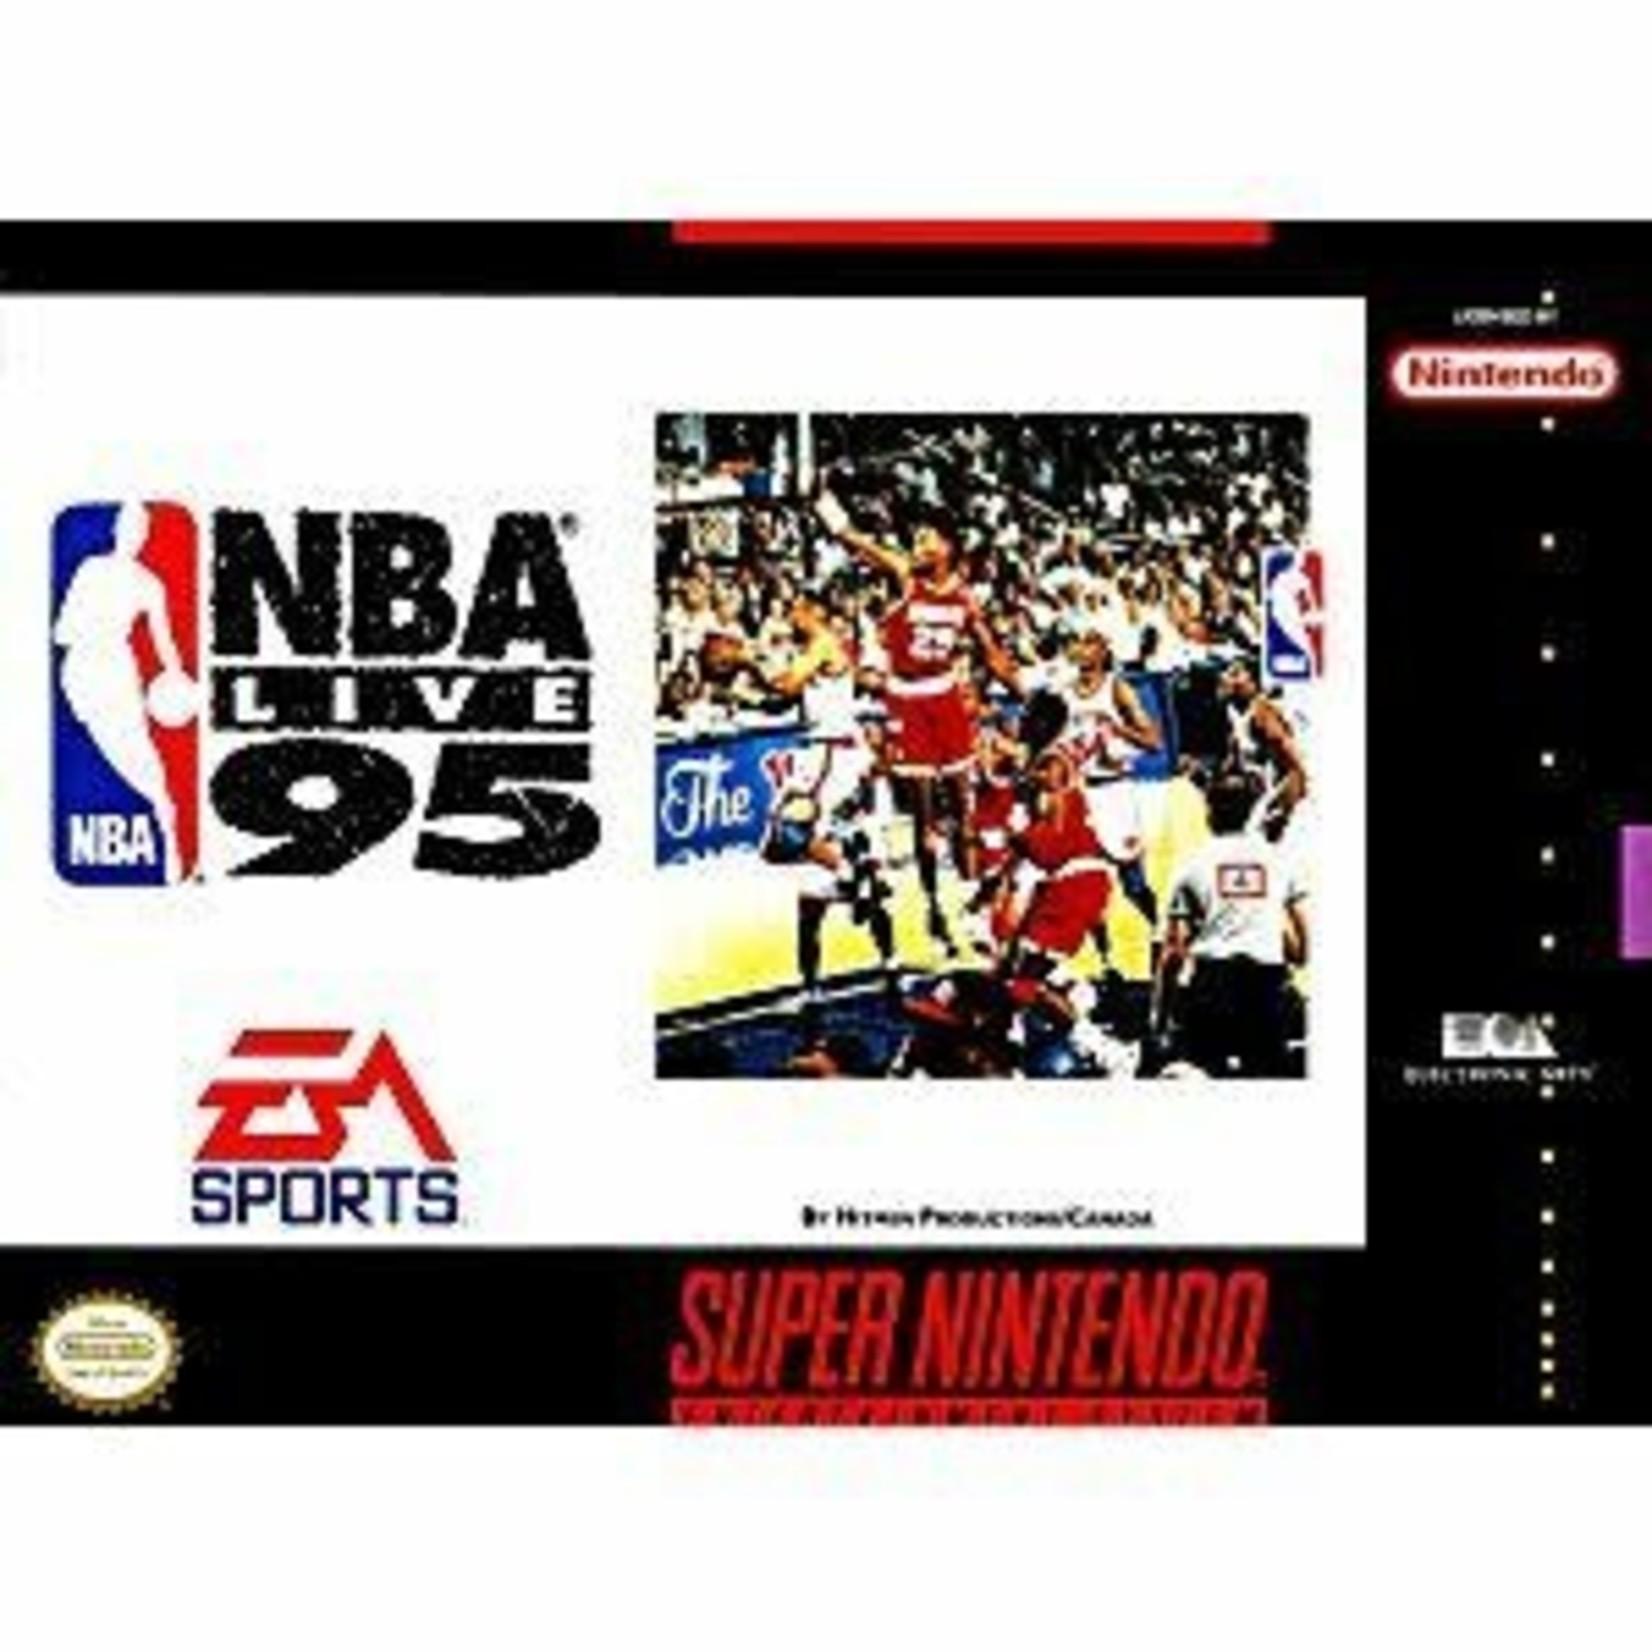 sneu-NBA Live 95 (cartridge)